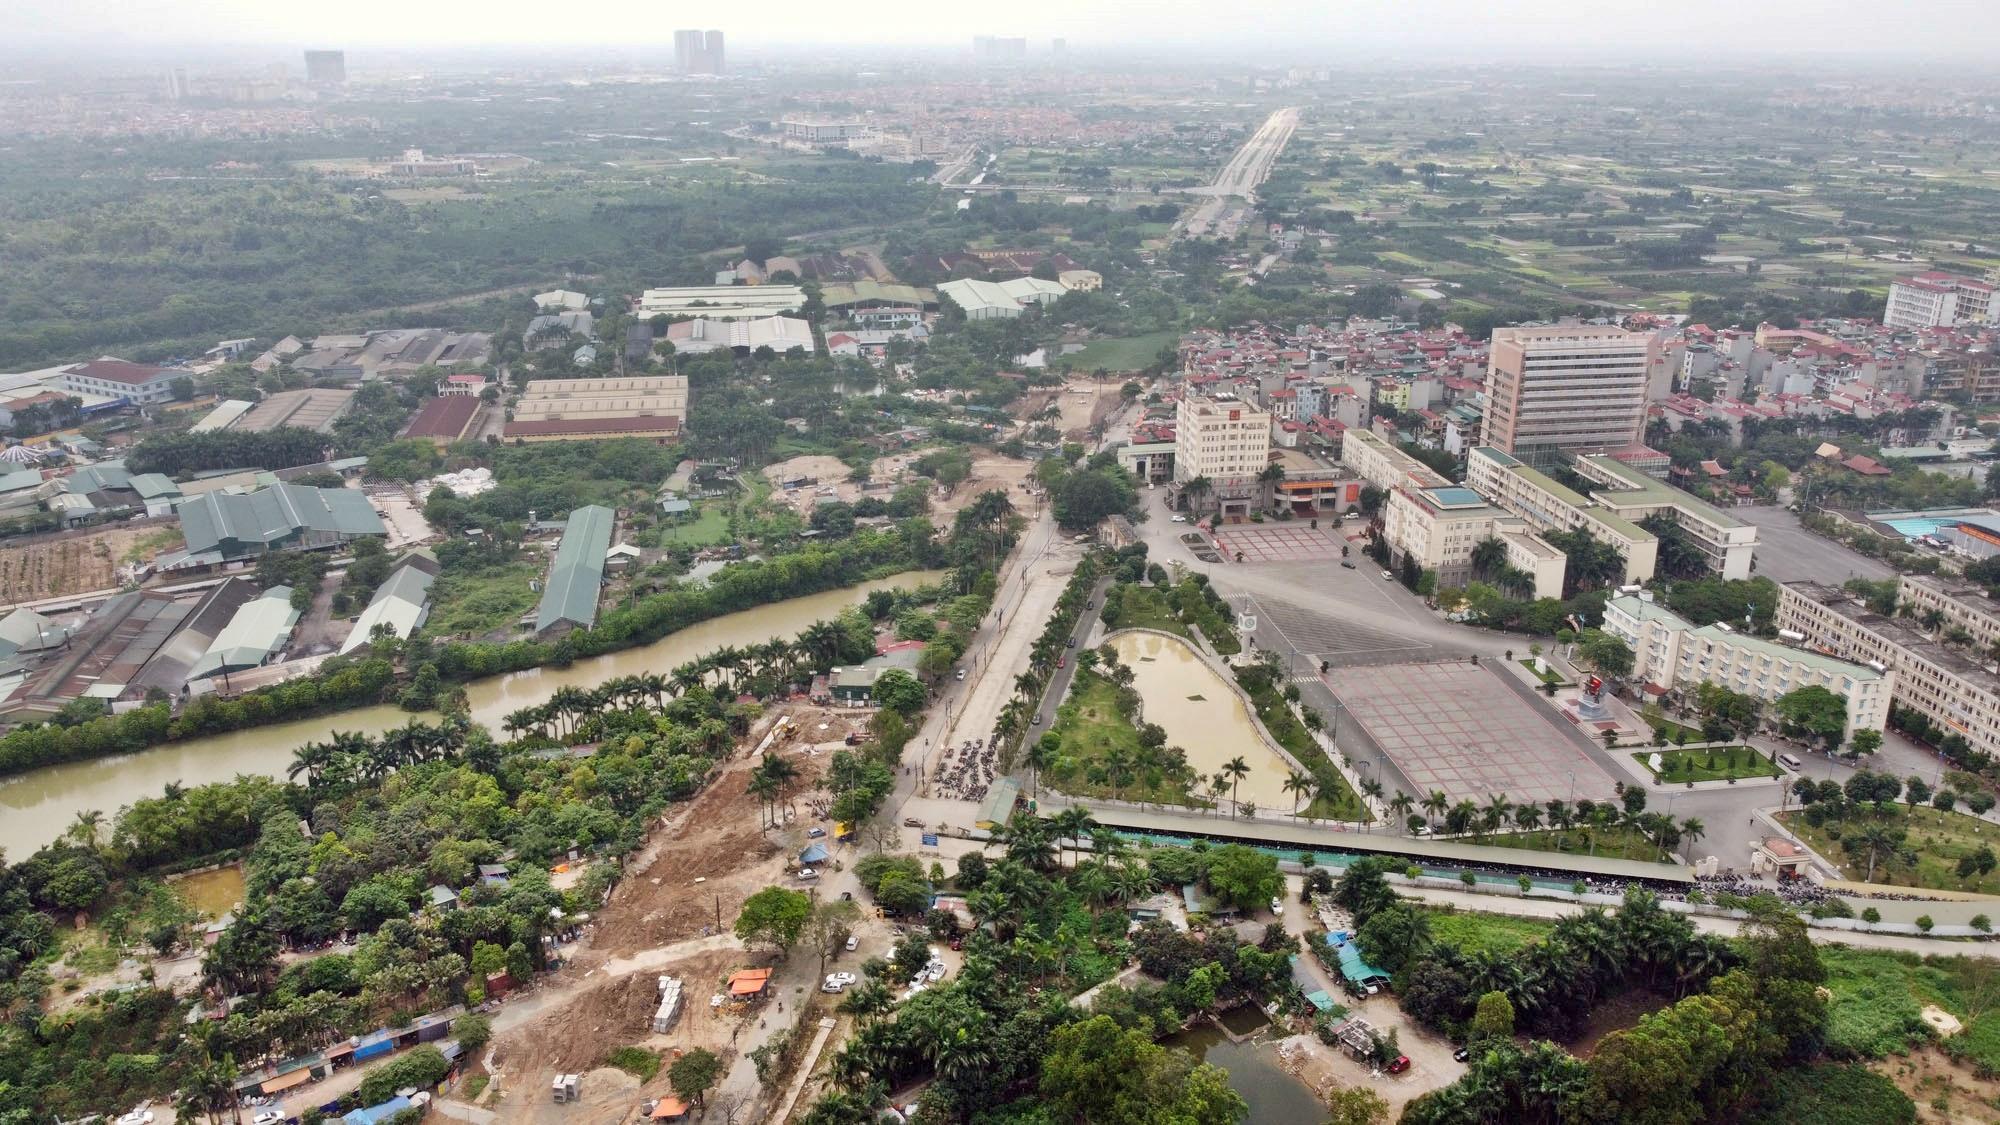 Toàn cảnh đường Tây Thăng Long đang mở theo quy hoạch ở Hà Nội - Ảnh 12.